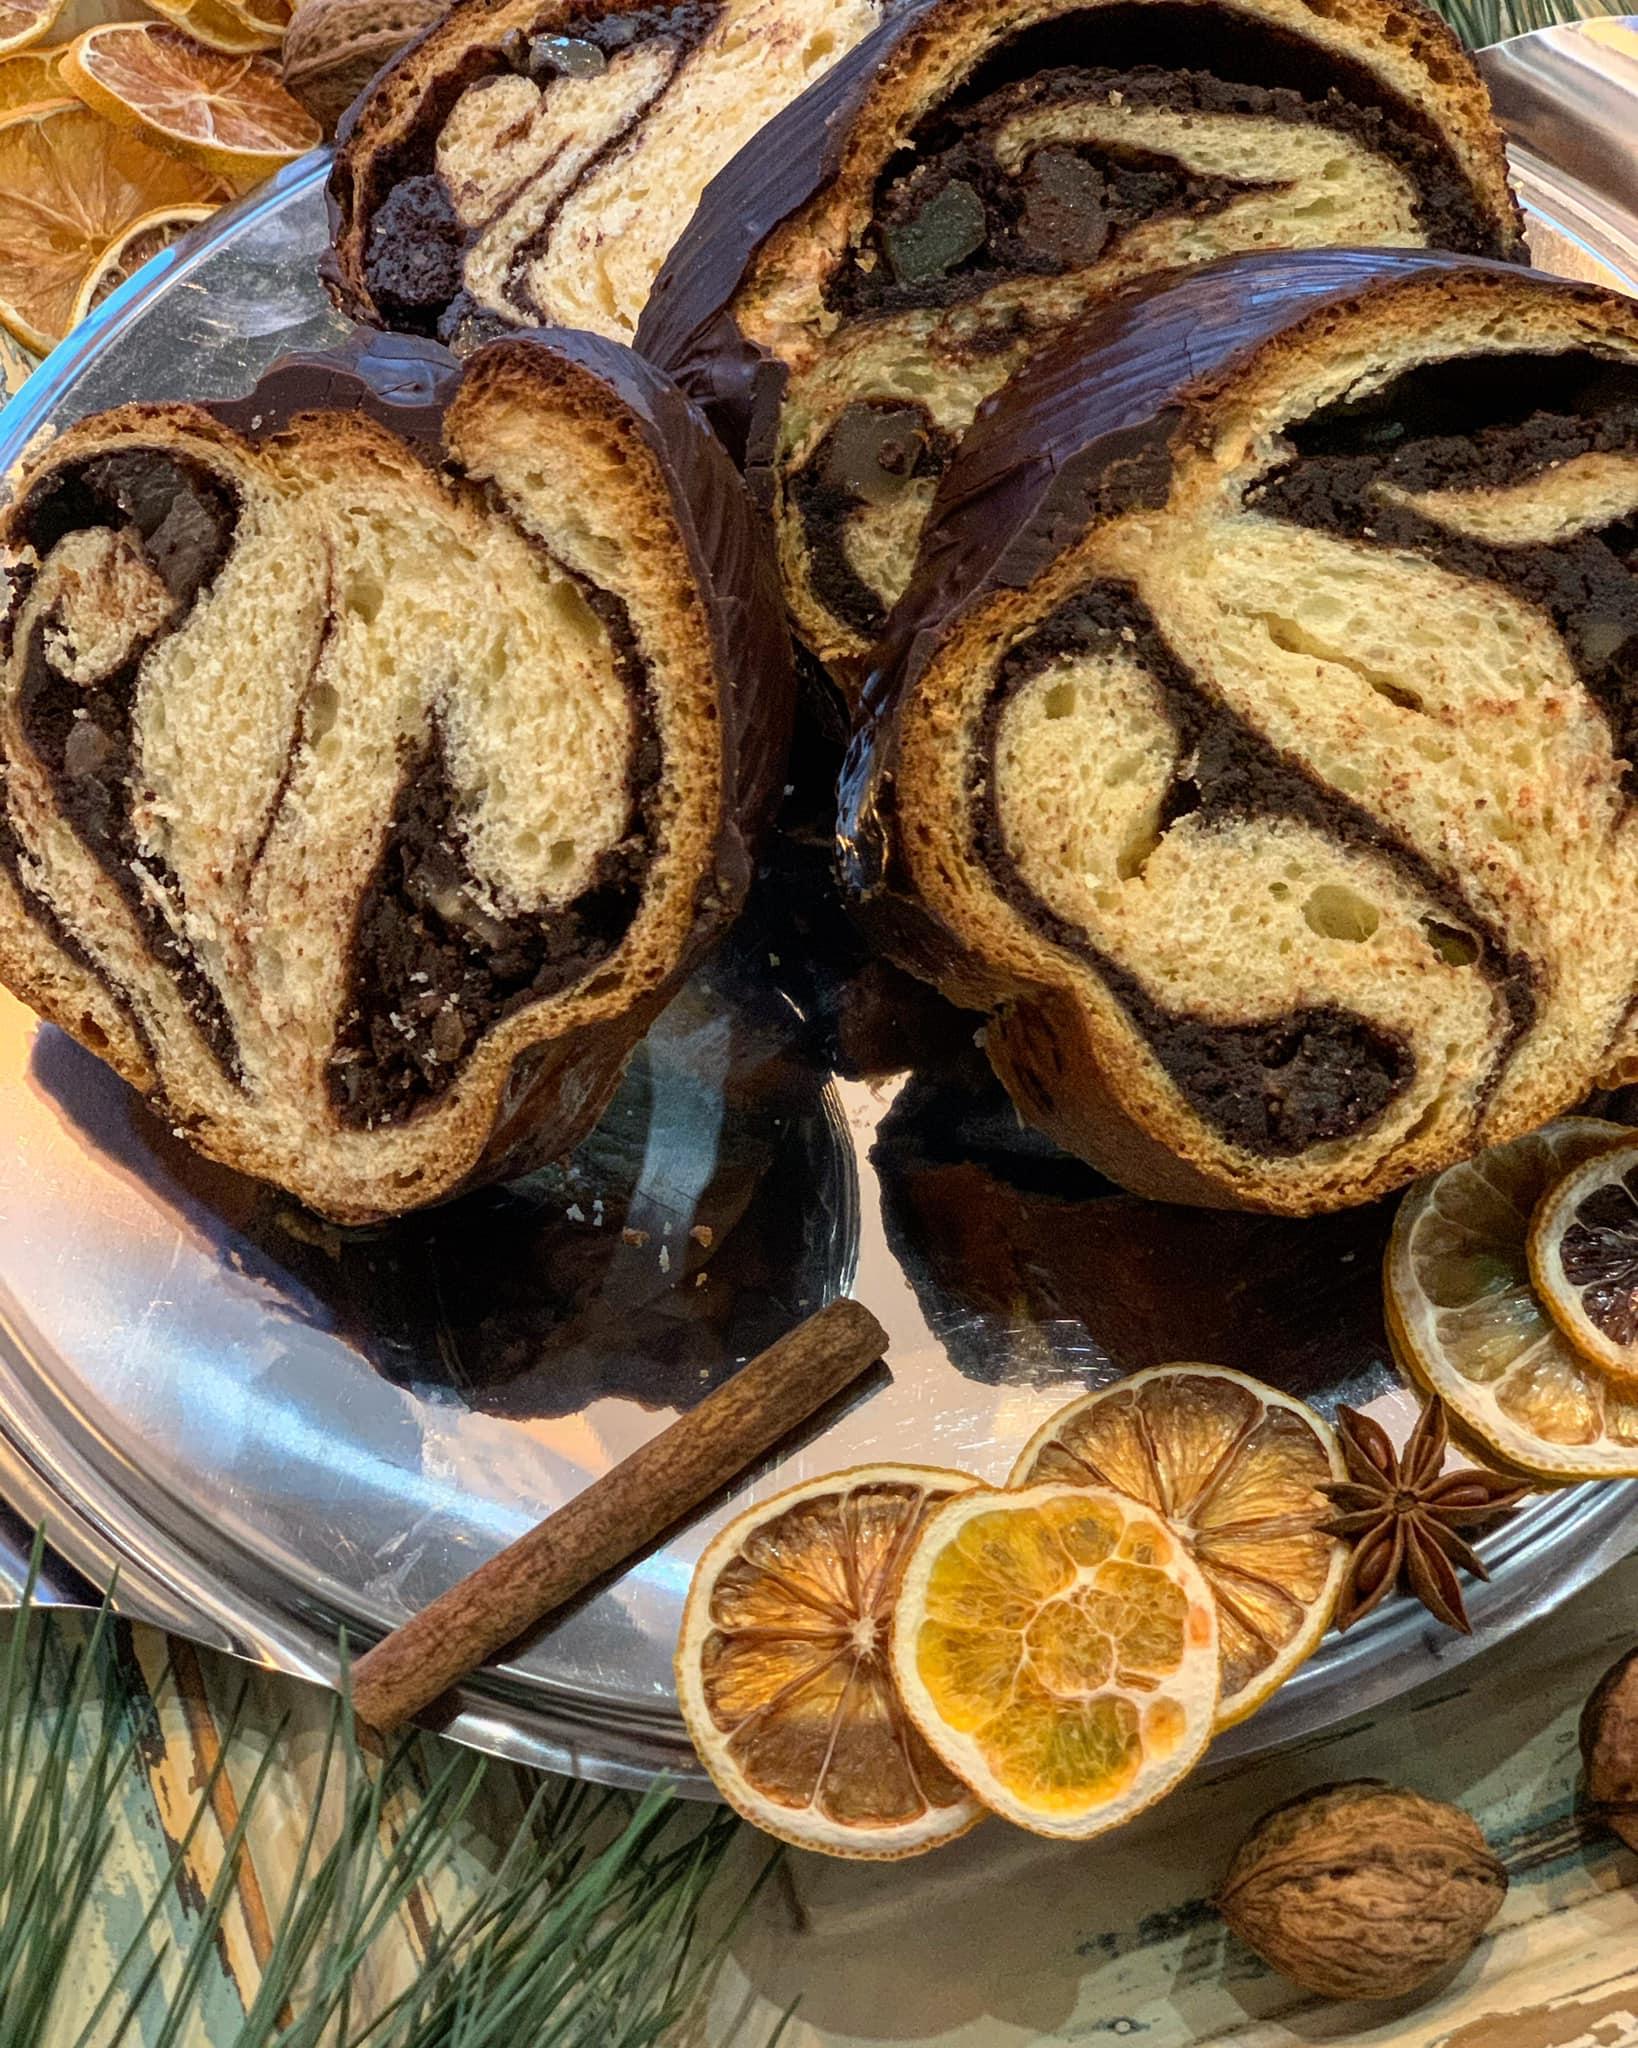 cozonaci craciun Bread and Butter